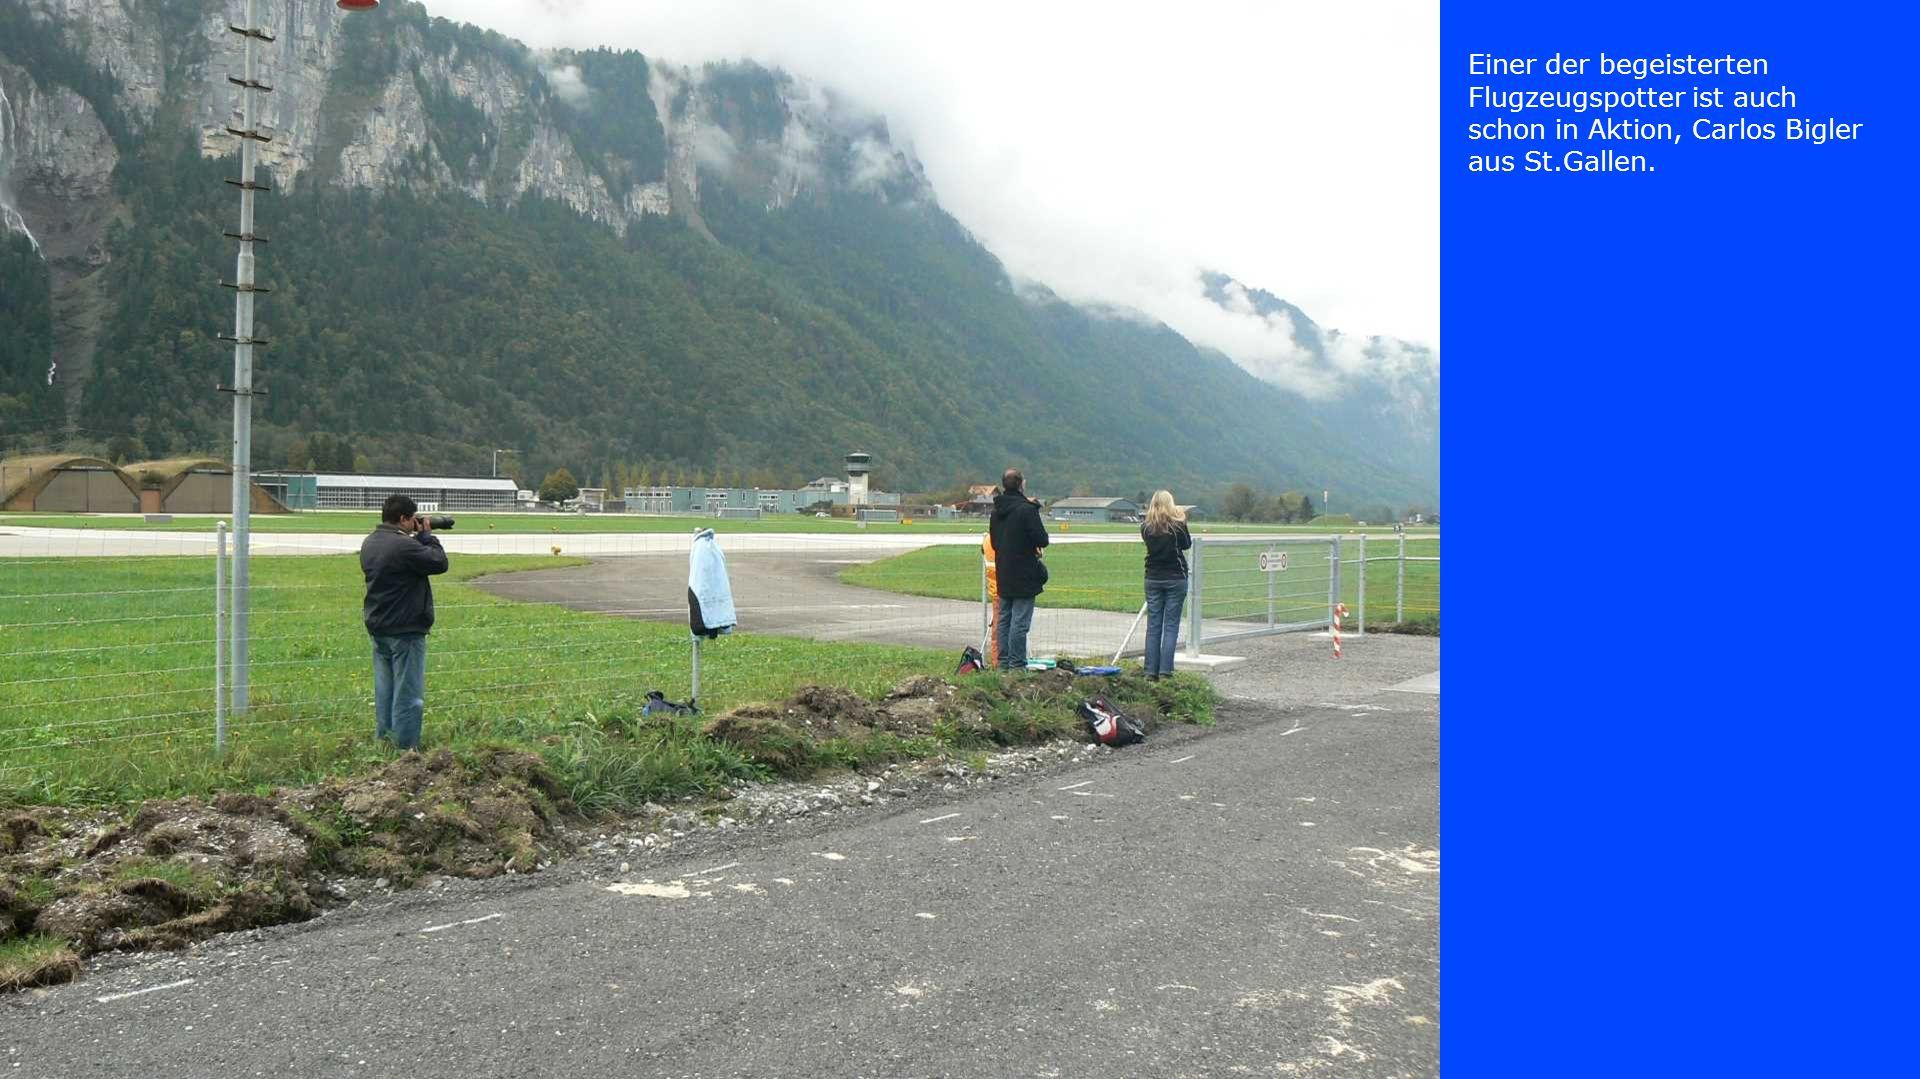 Einer der begeisterten Flugzeugspotter ist auch schon in Aktion, Carlos Bigler aus St.Gallen.